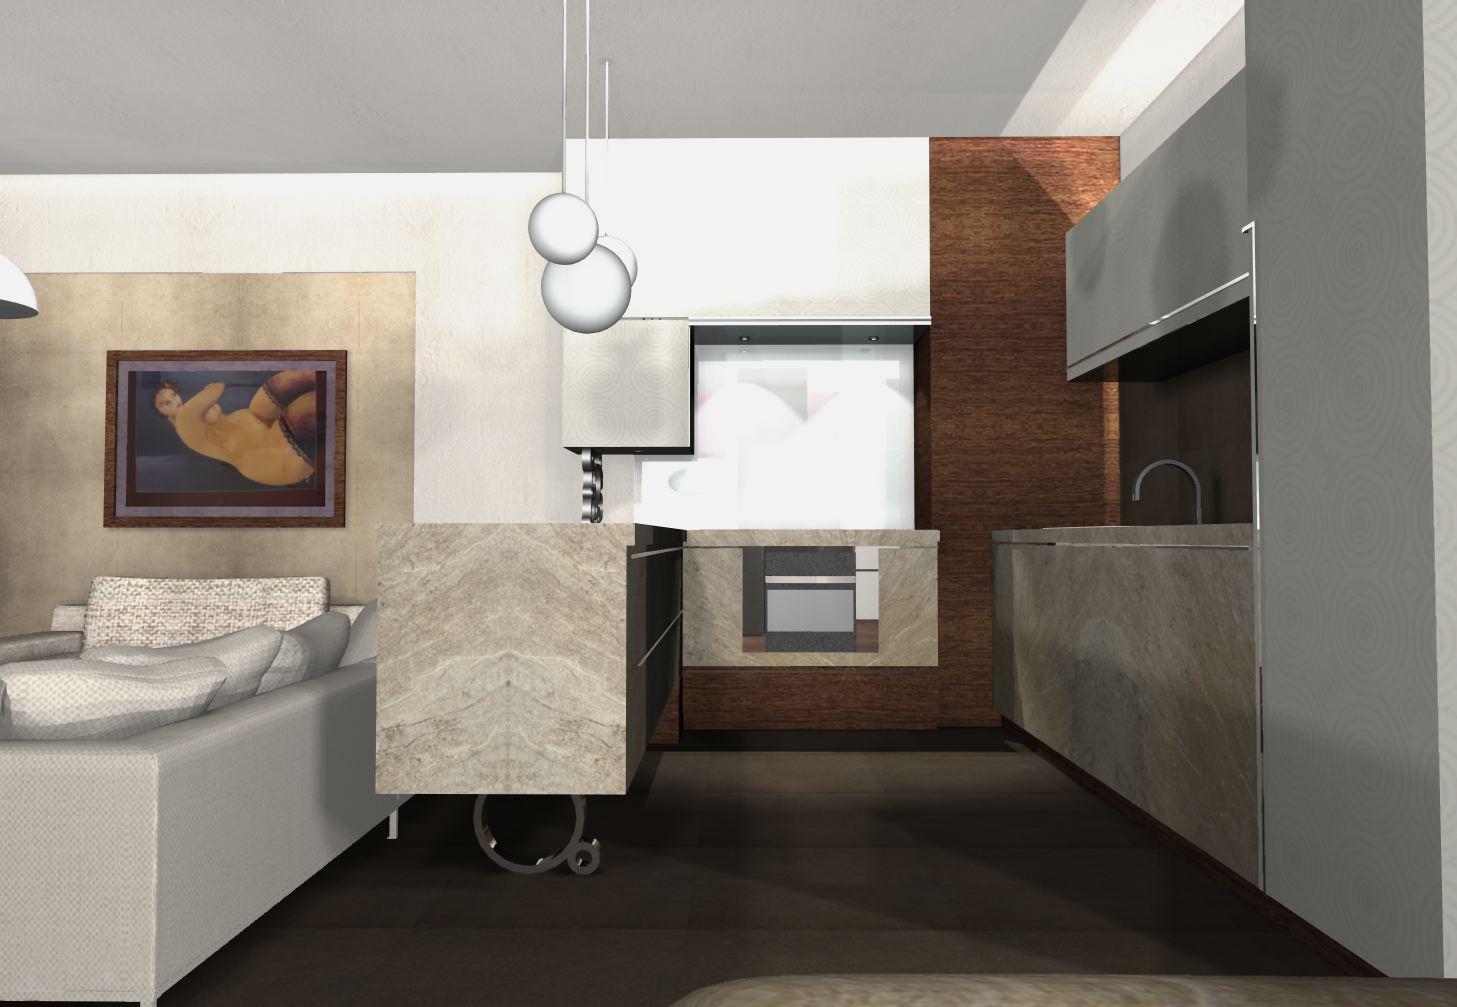 Projekty kuchni nowoczesnych kuchnie na wymiarsalon nowoczesny for Projekty kuchni z salonem